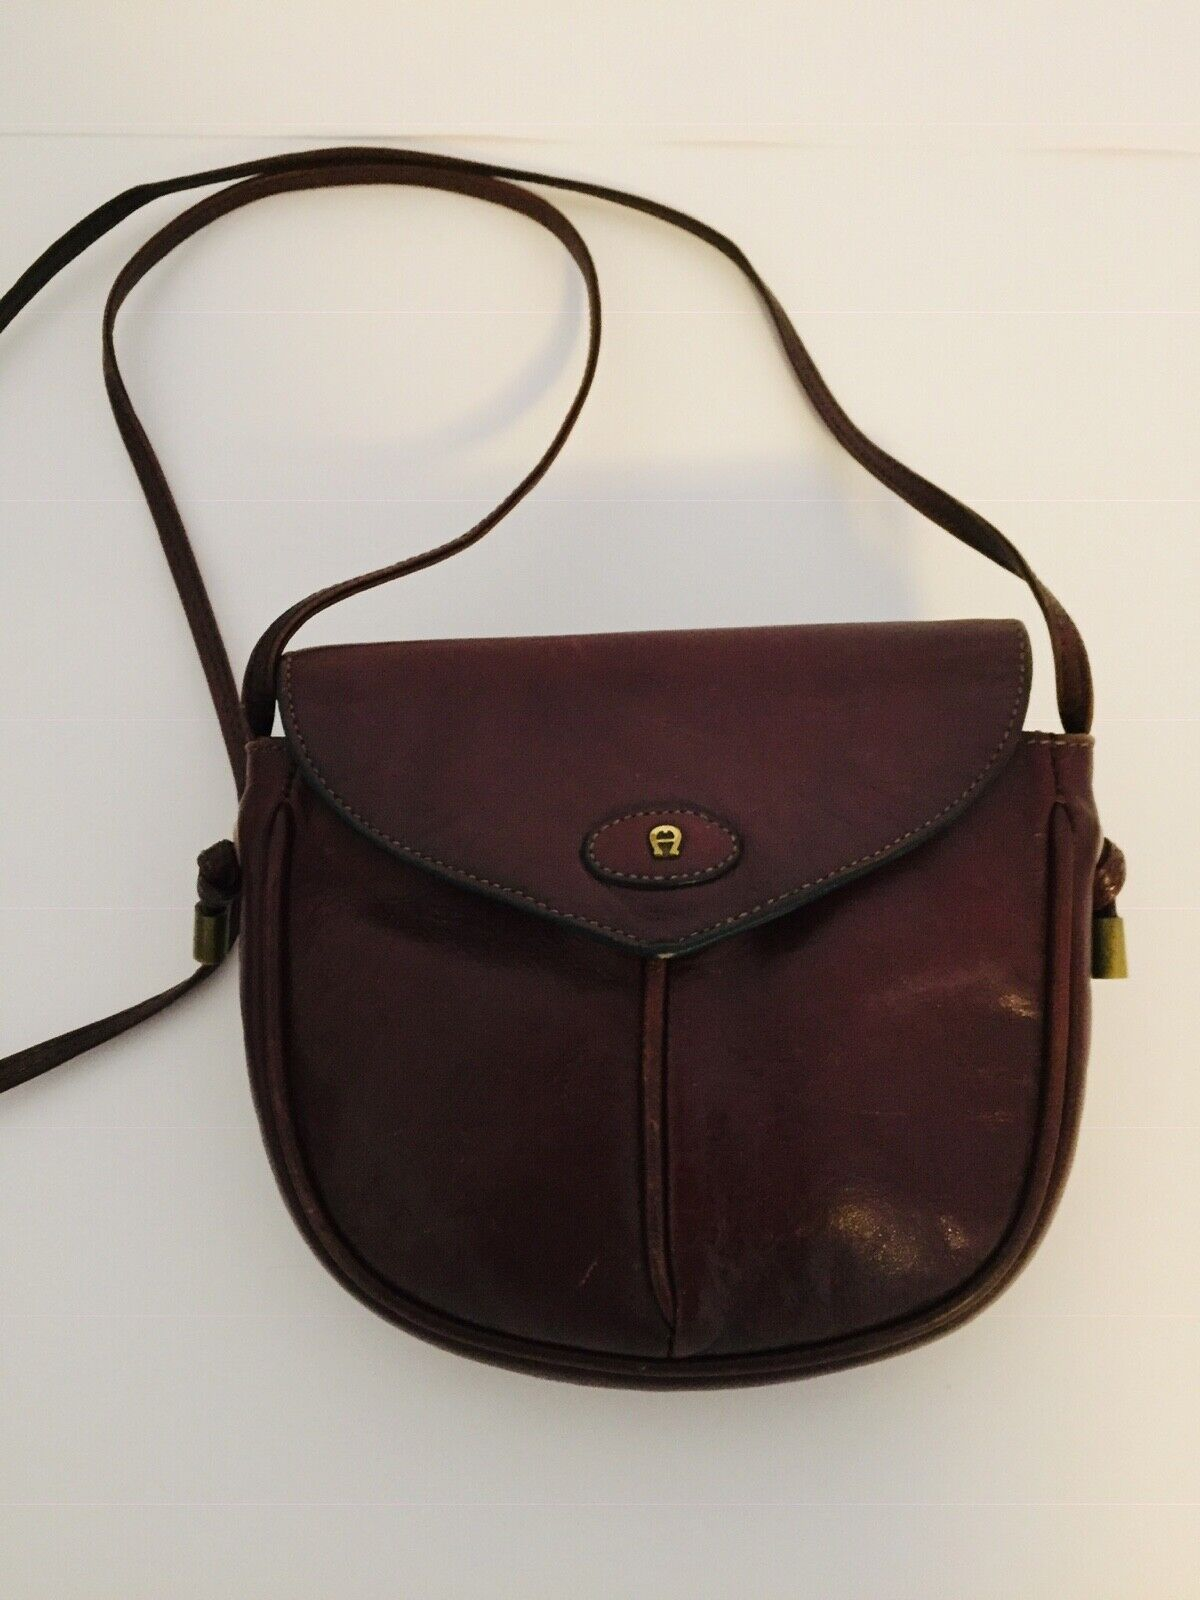 Aigner Handtasche Vintage klein Rotbraun